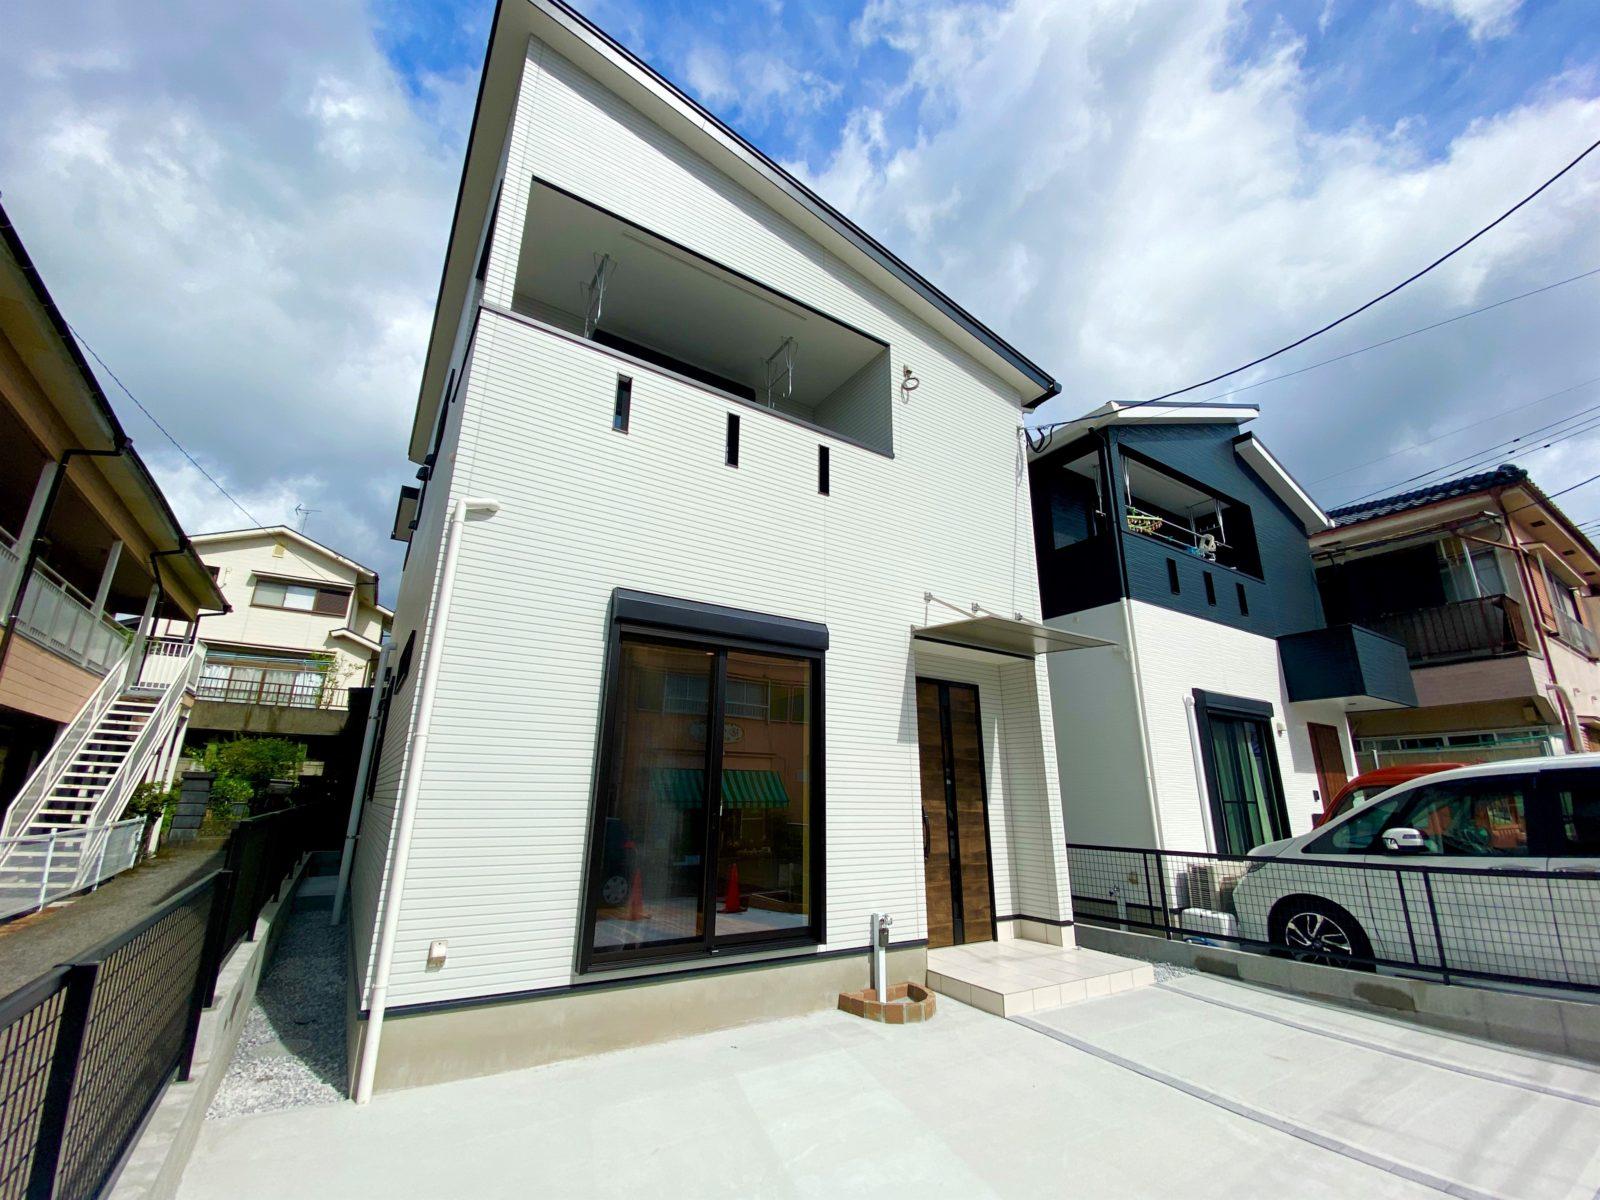 鹿児島市坂之上6丁目でオープンハウス いろいろ使えるユーティリティスペースがあるお家